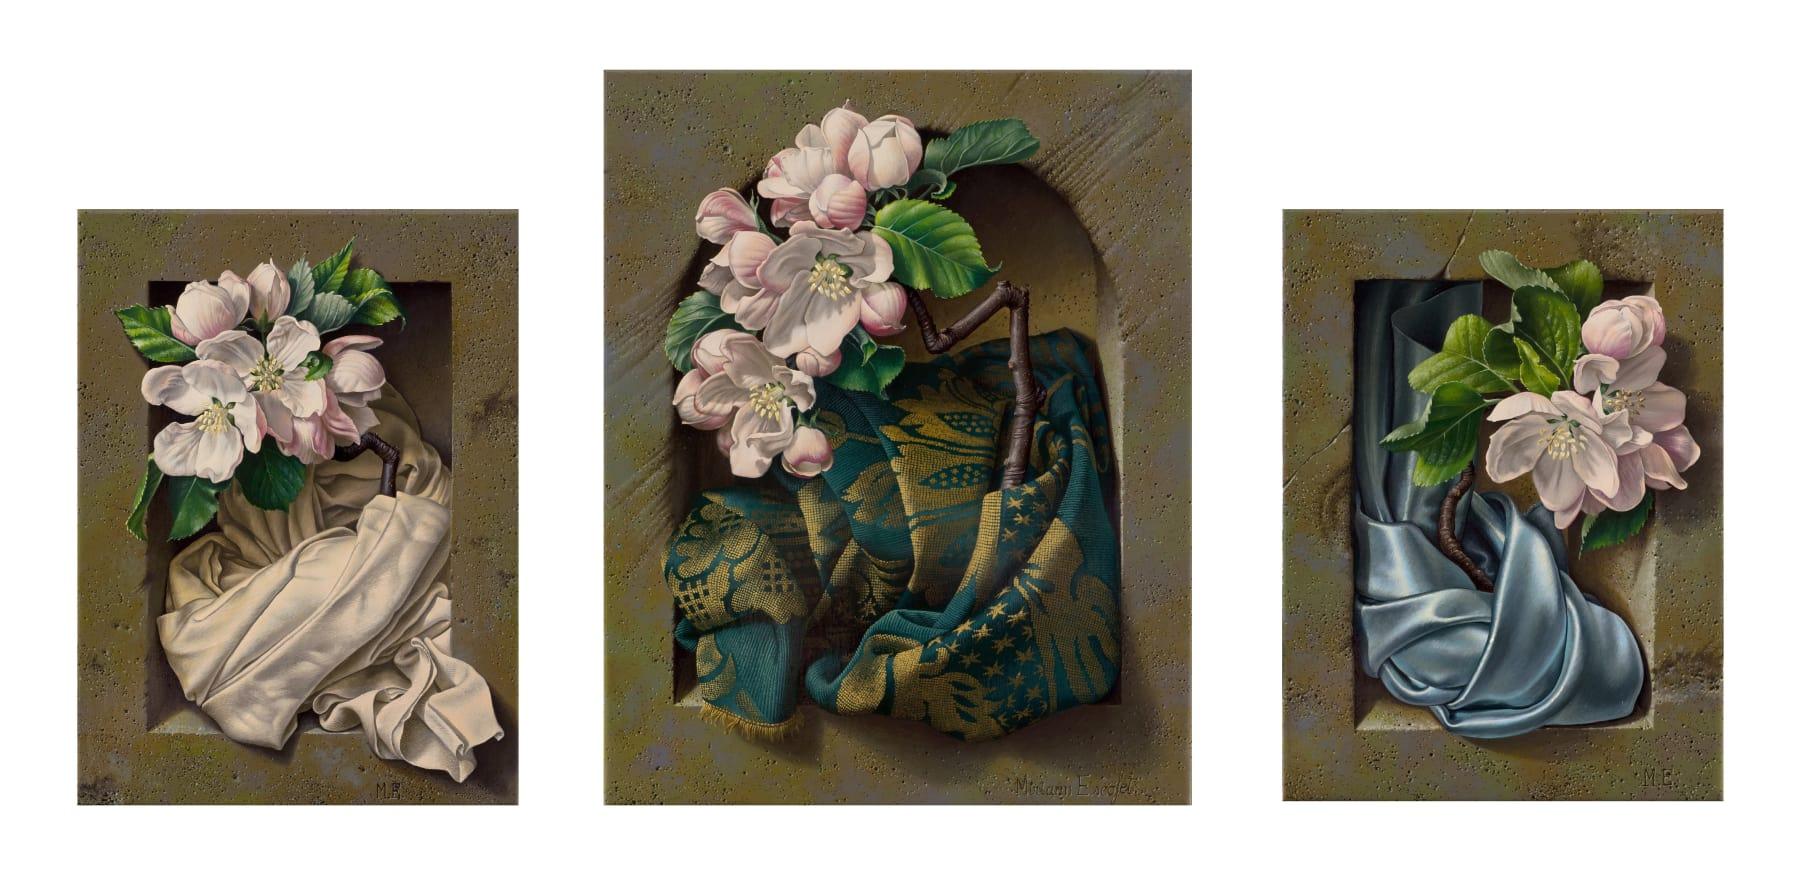 Miriam Escofet, Blossom Triptych, 2007